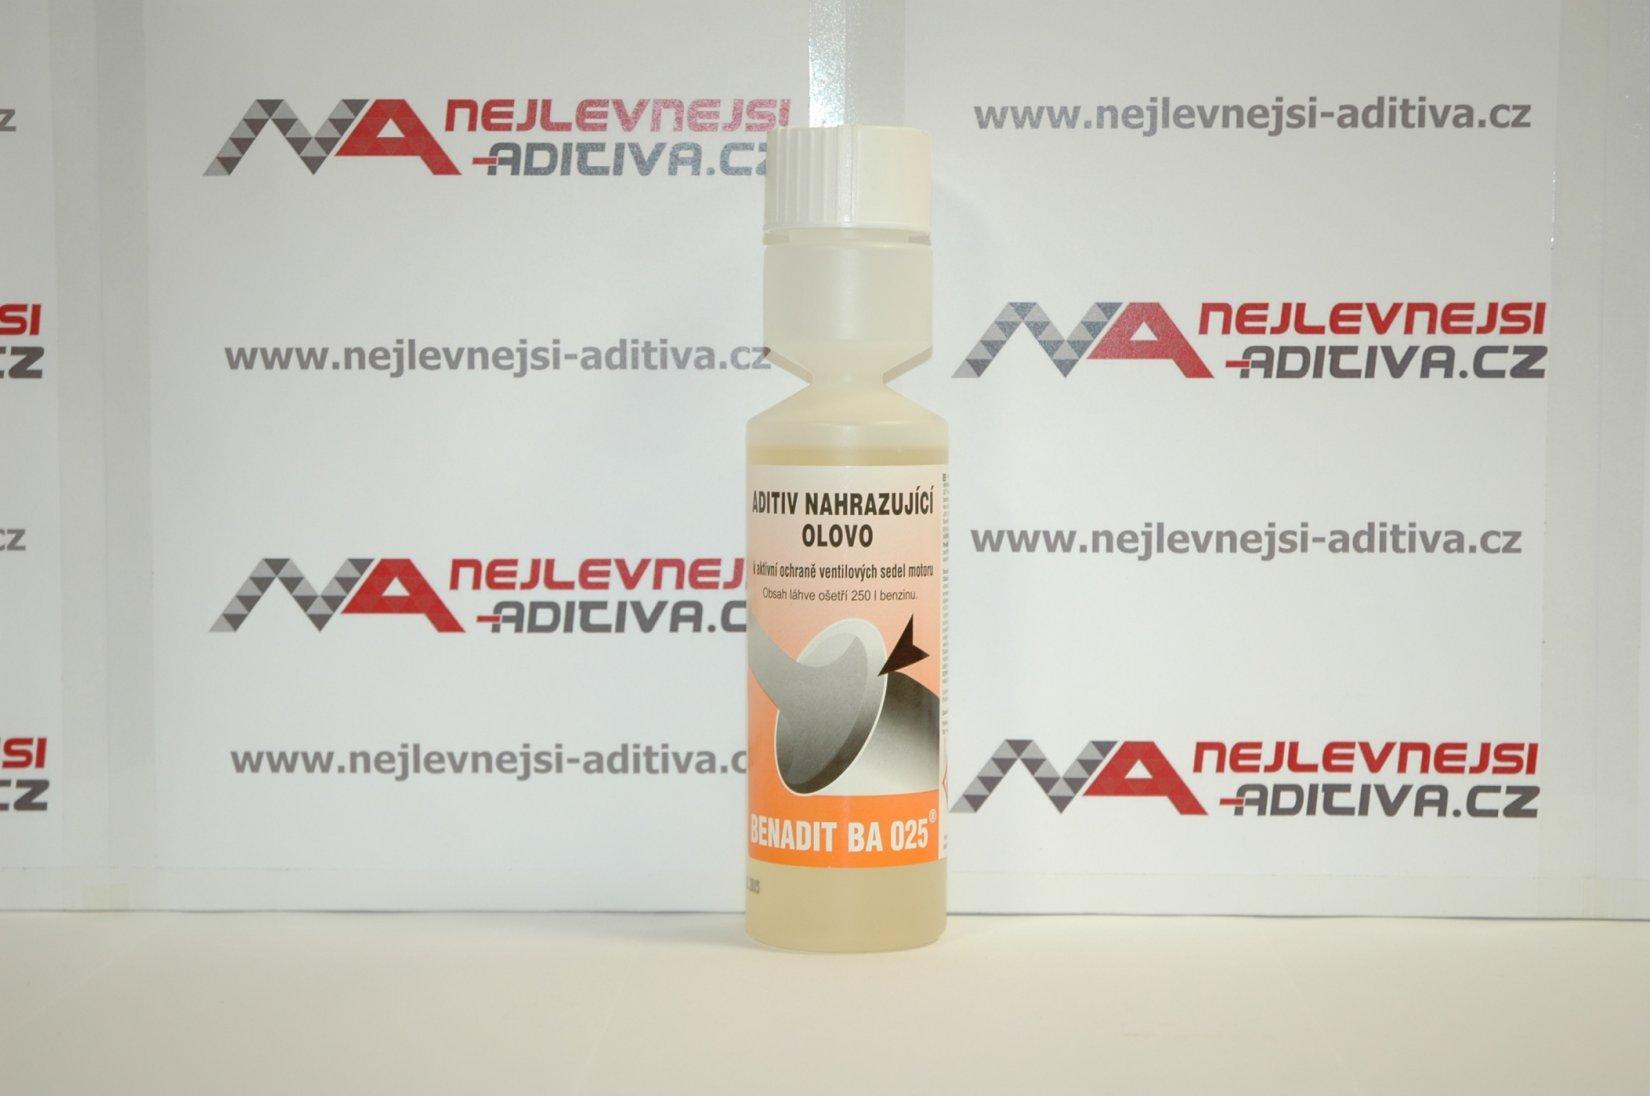 VIF Benadit BA 250 ml (0,25L)